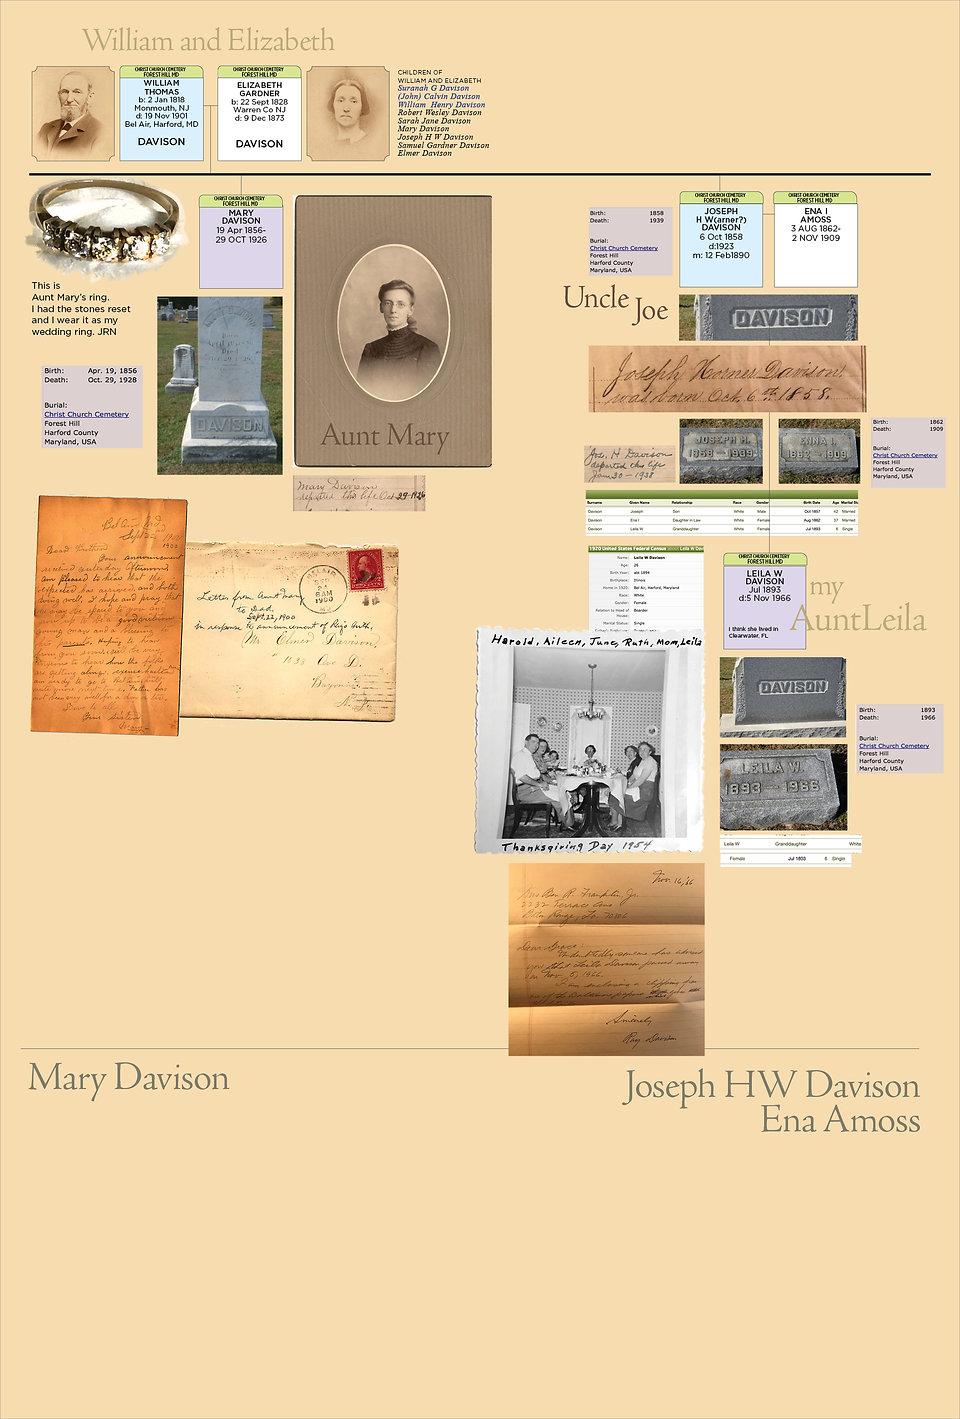 DAVISON Mary - Joe_11.jpg